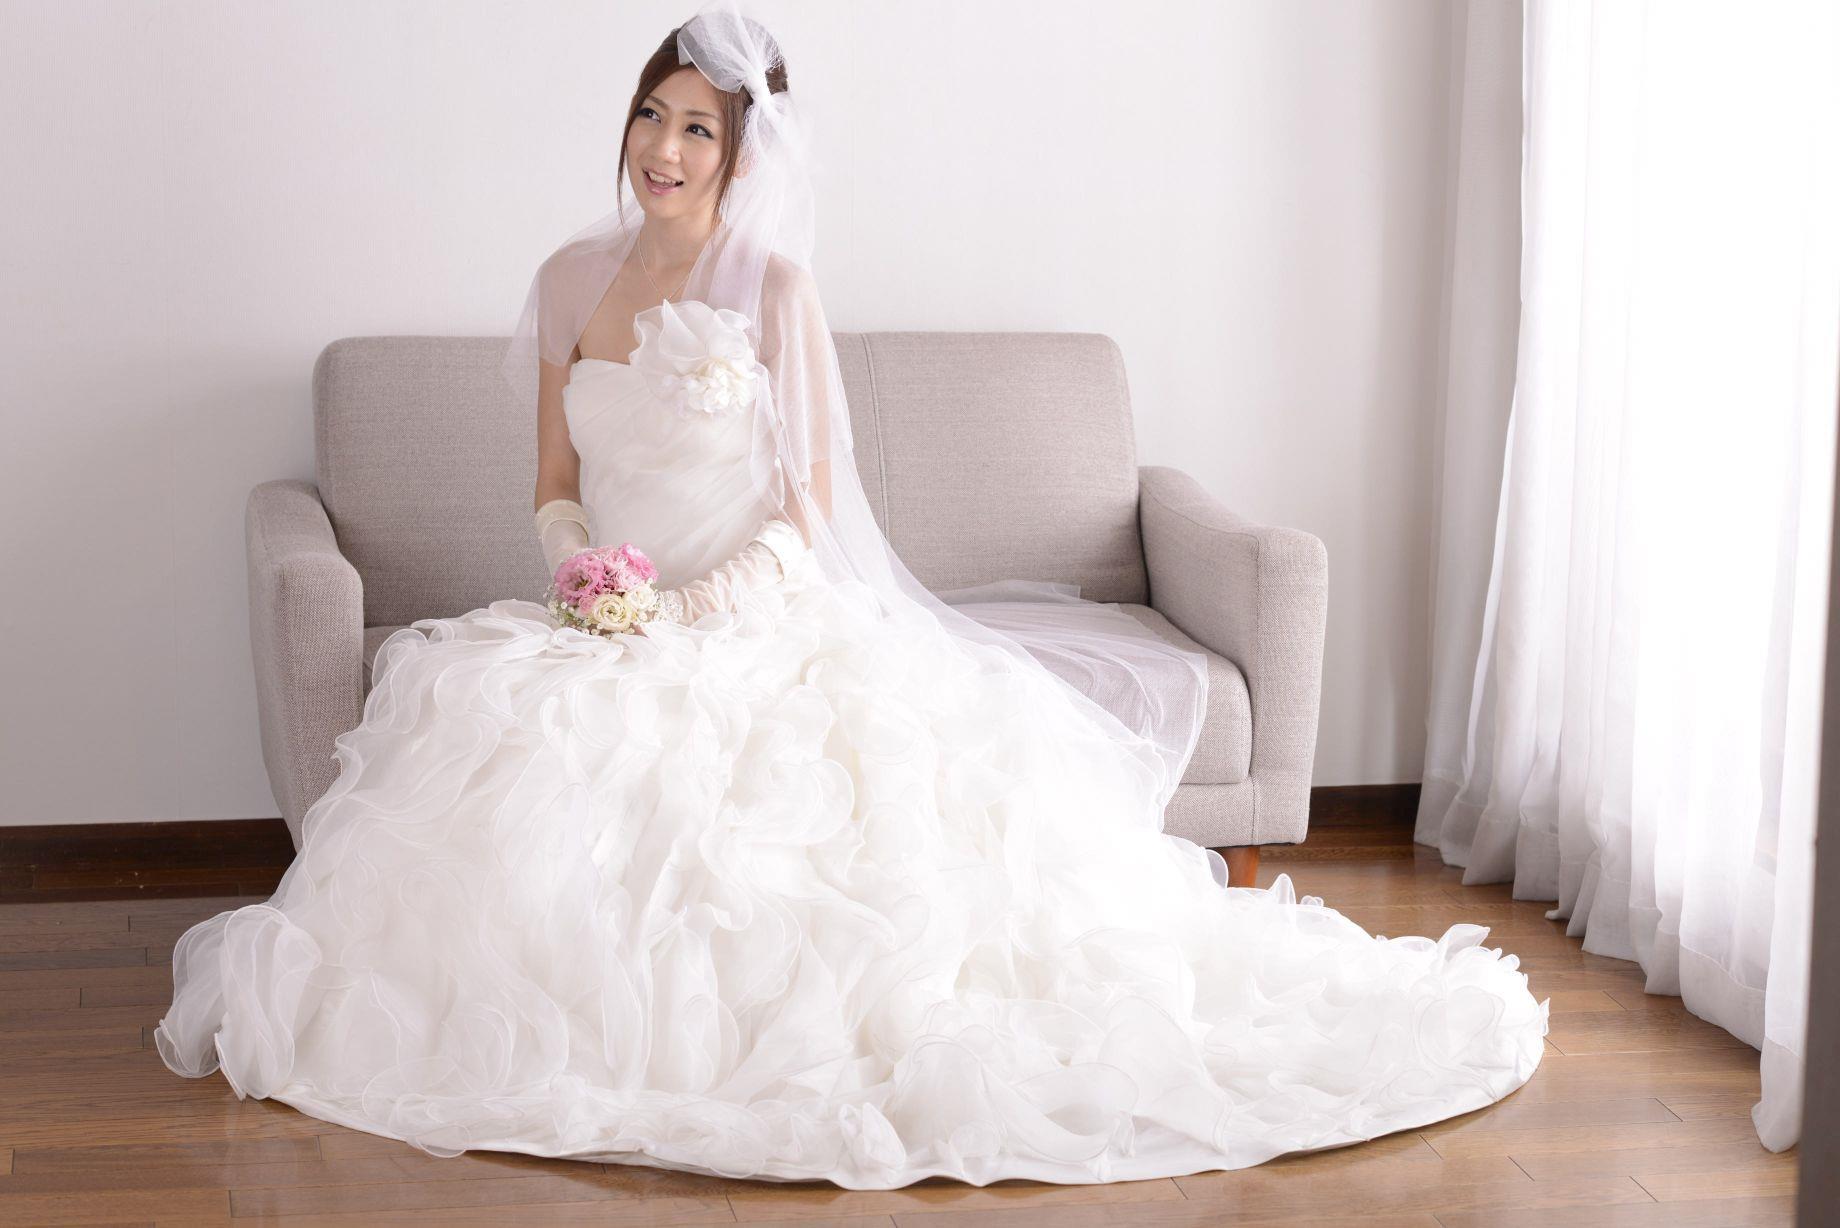 前田かおり ウェディングドレス画像 41